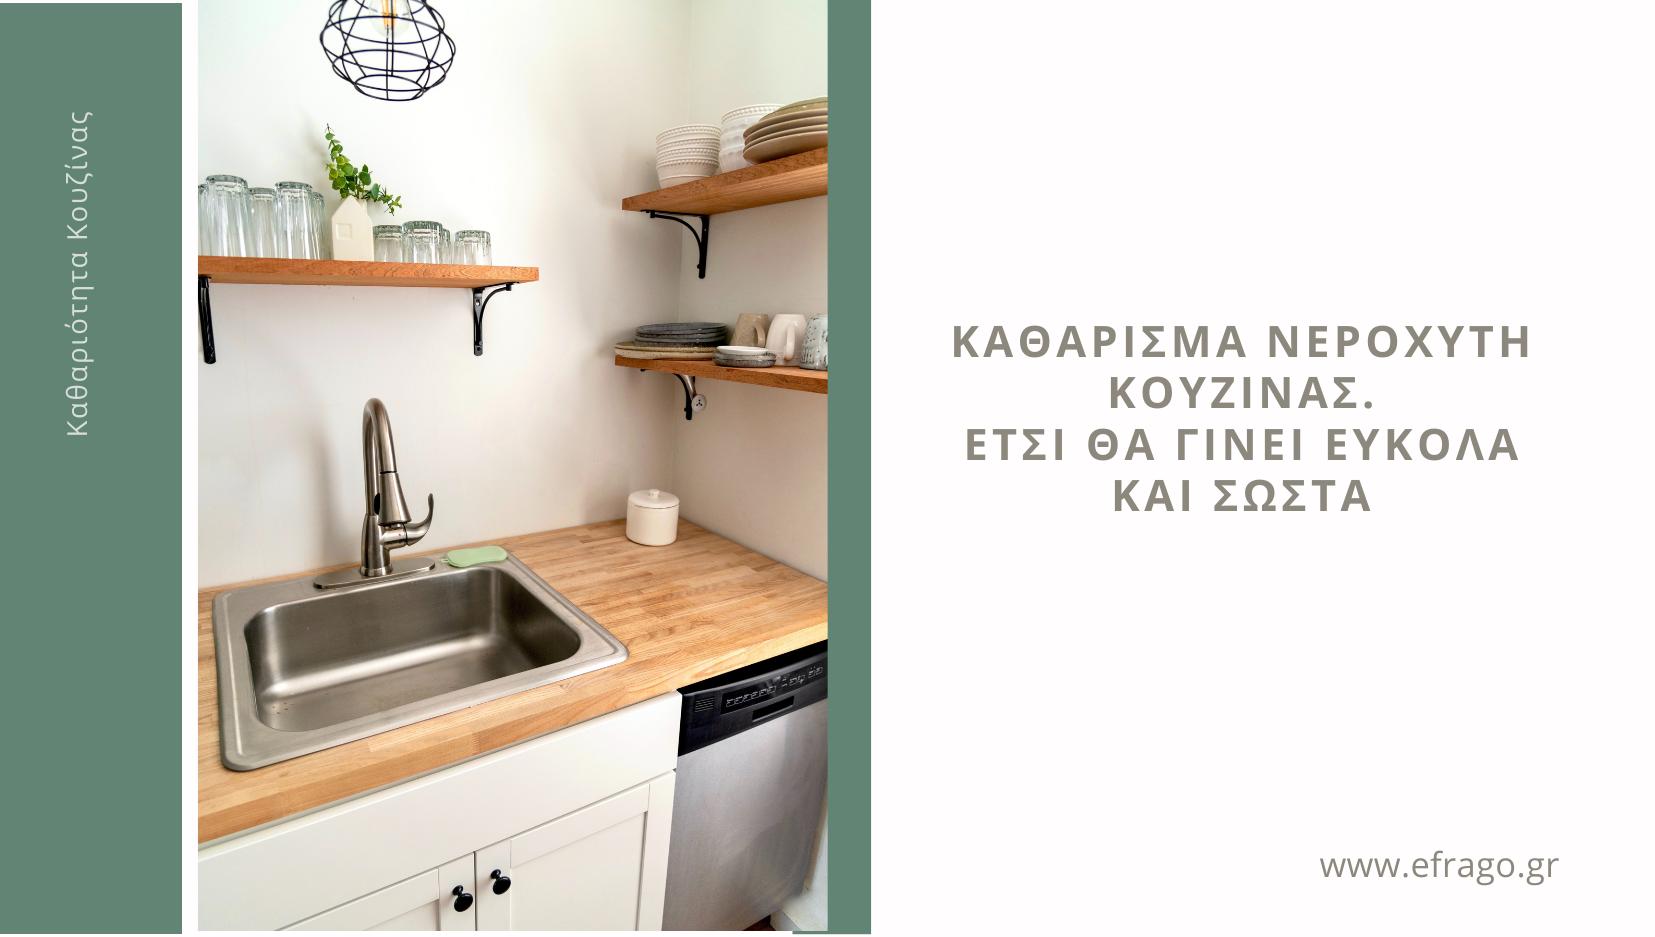 Καθάρισμα νεροχύτη κουζίνας. Έτσι θα γίνει εύκολα και σωστά.